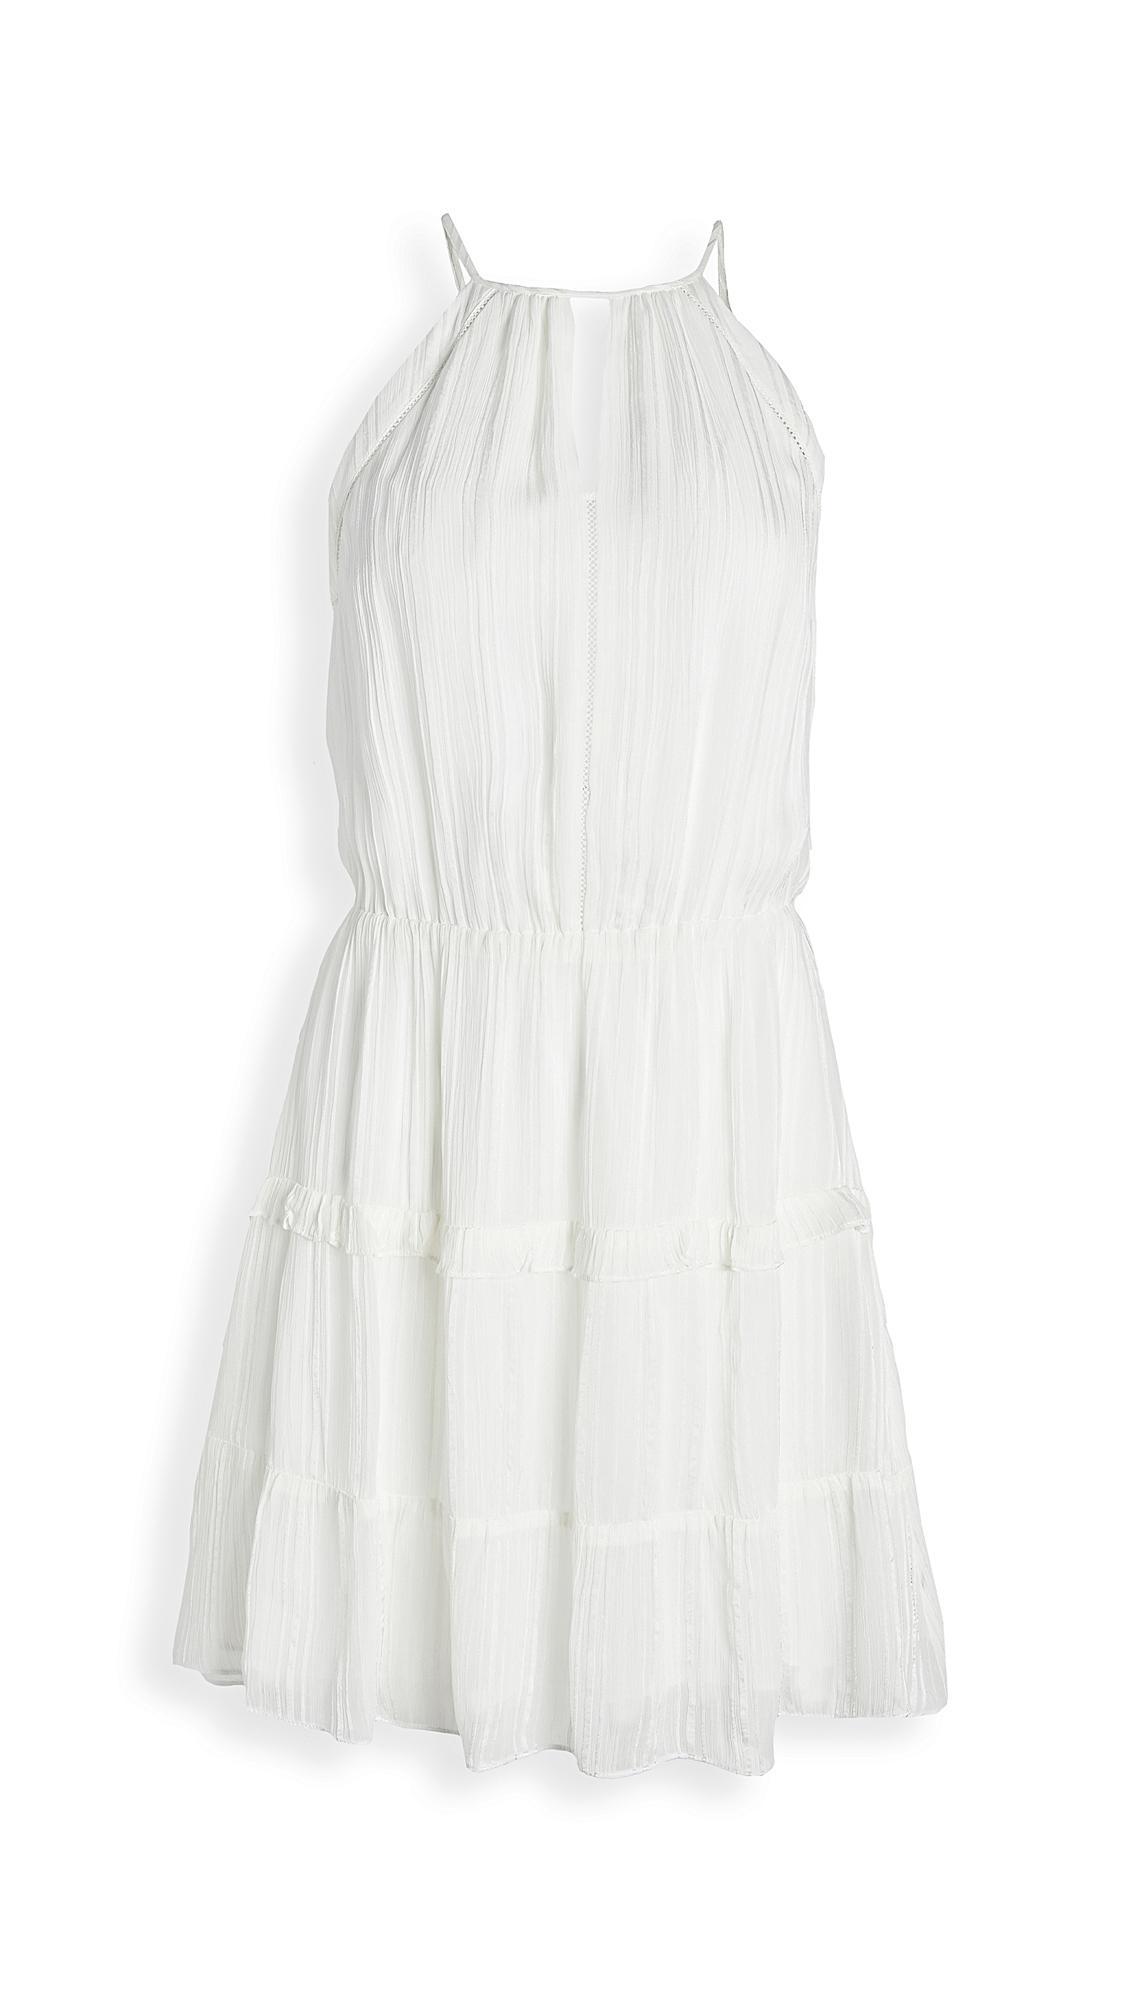 Parker Bruna Dress - 50% Off Sale